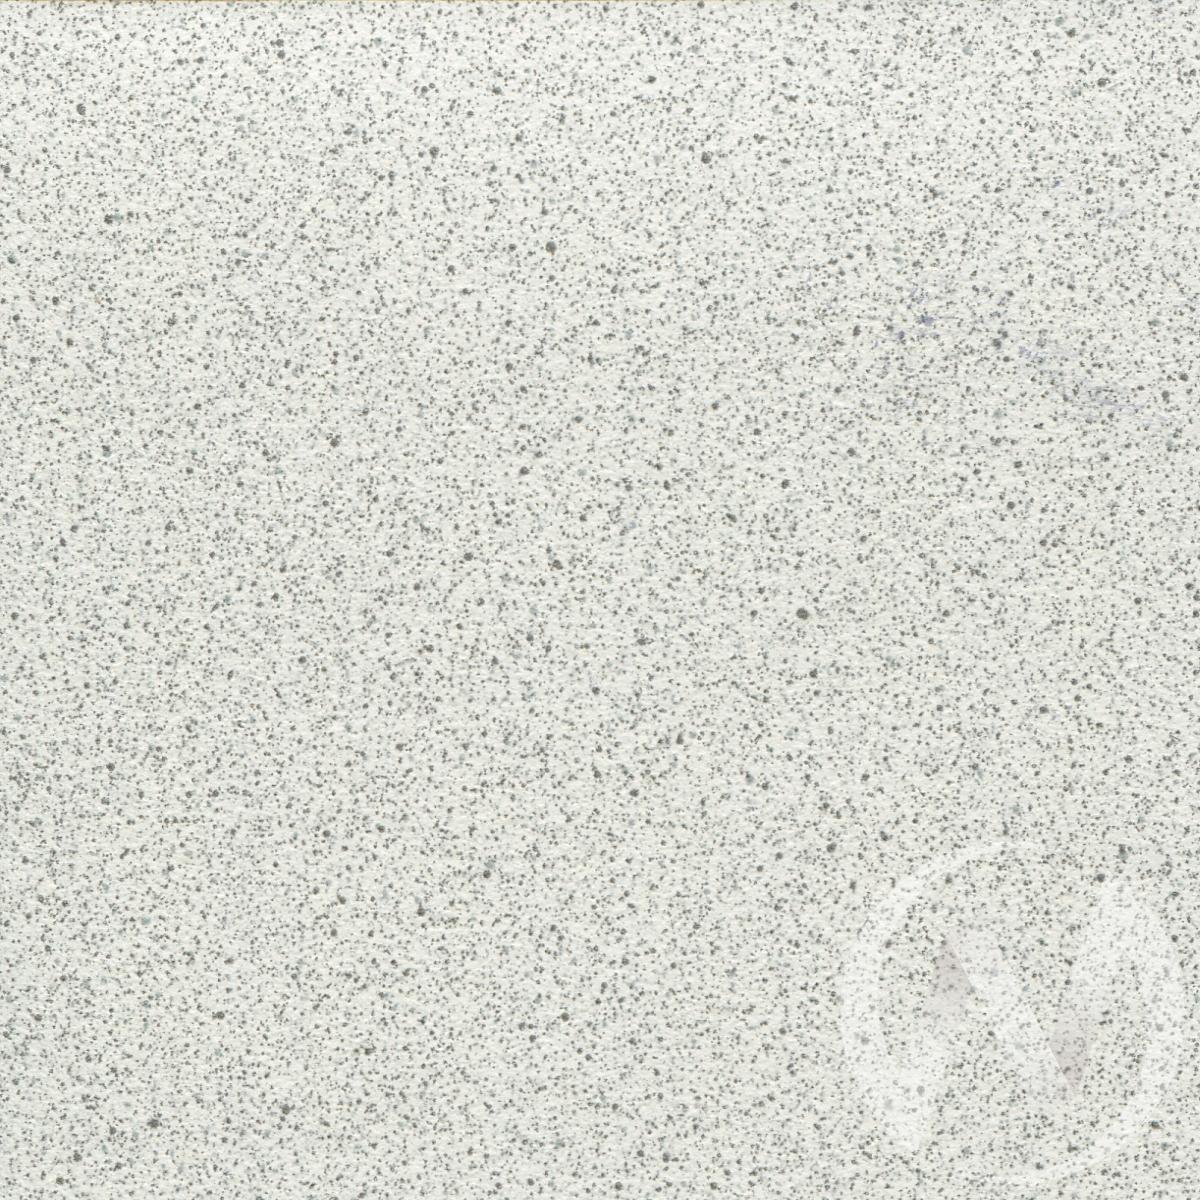 СТ-1000 Столешница 1000*600*26 (№ 4040 сахара белая)  в Томске — интернет магазин МИРА-мебель